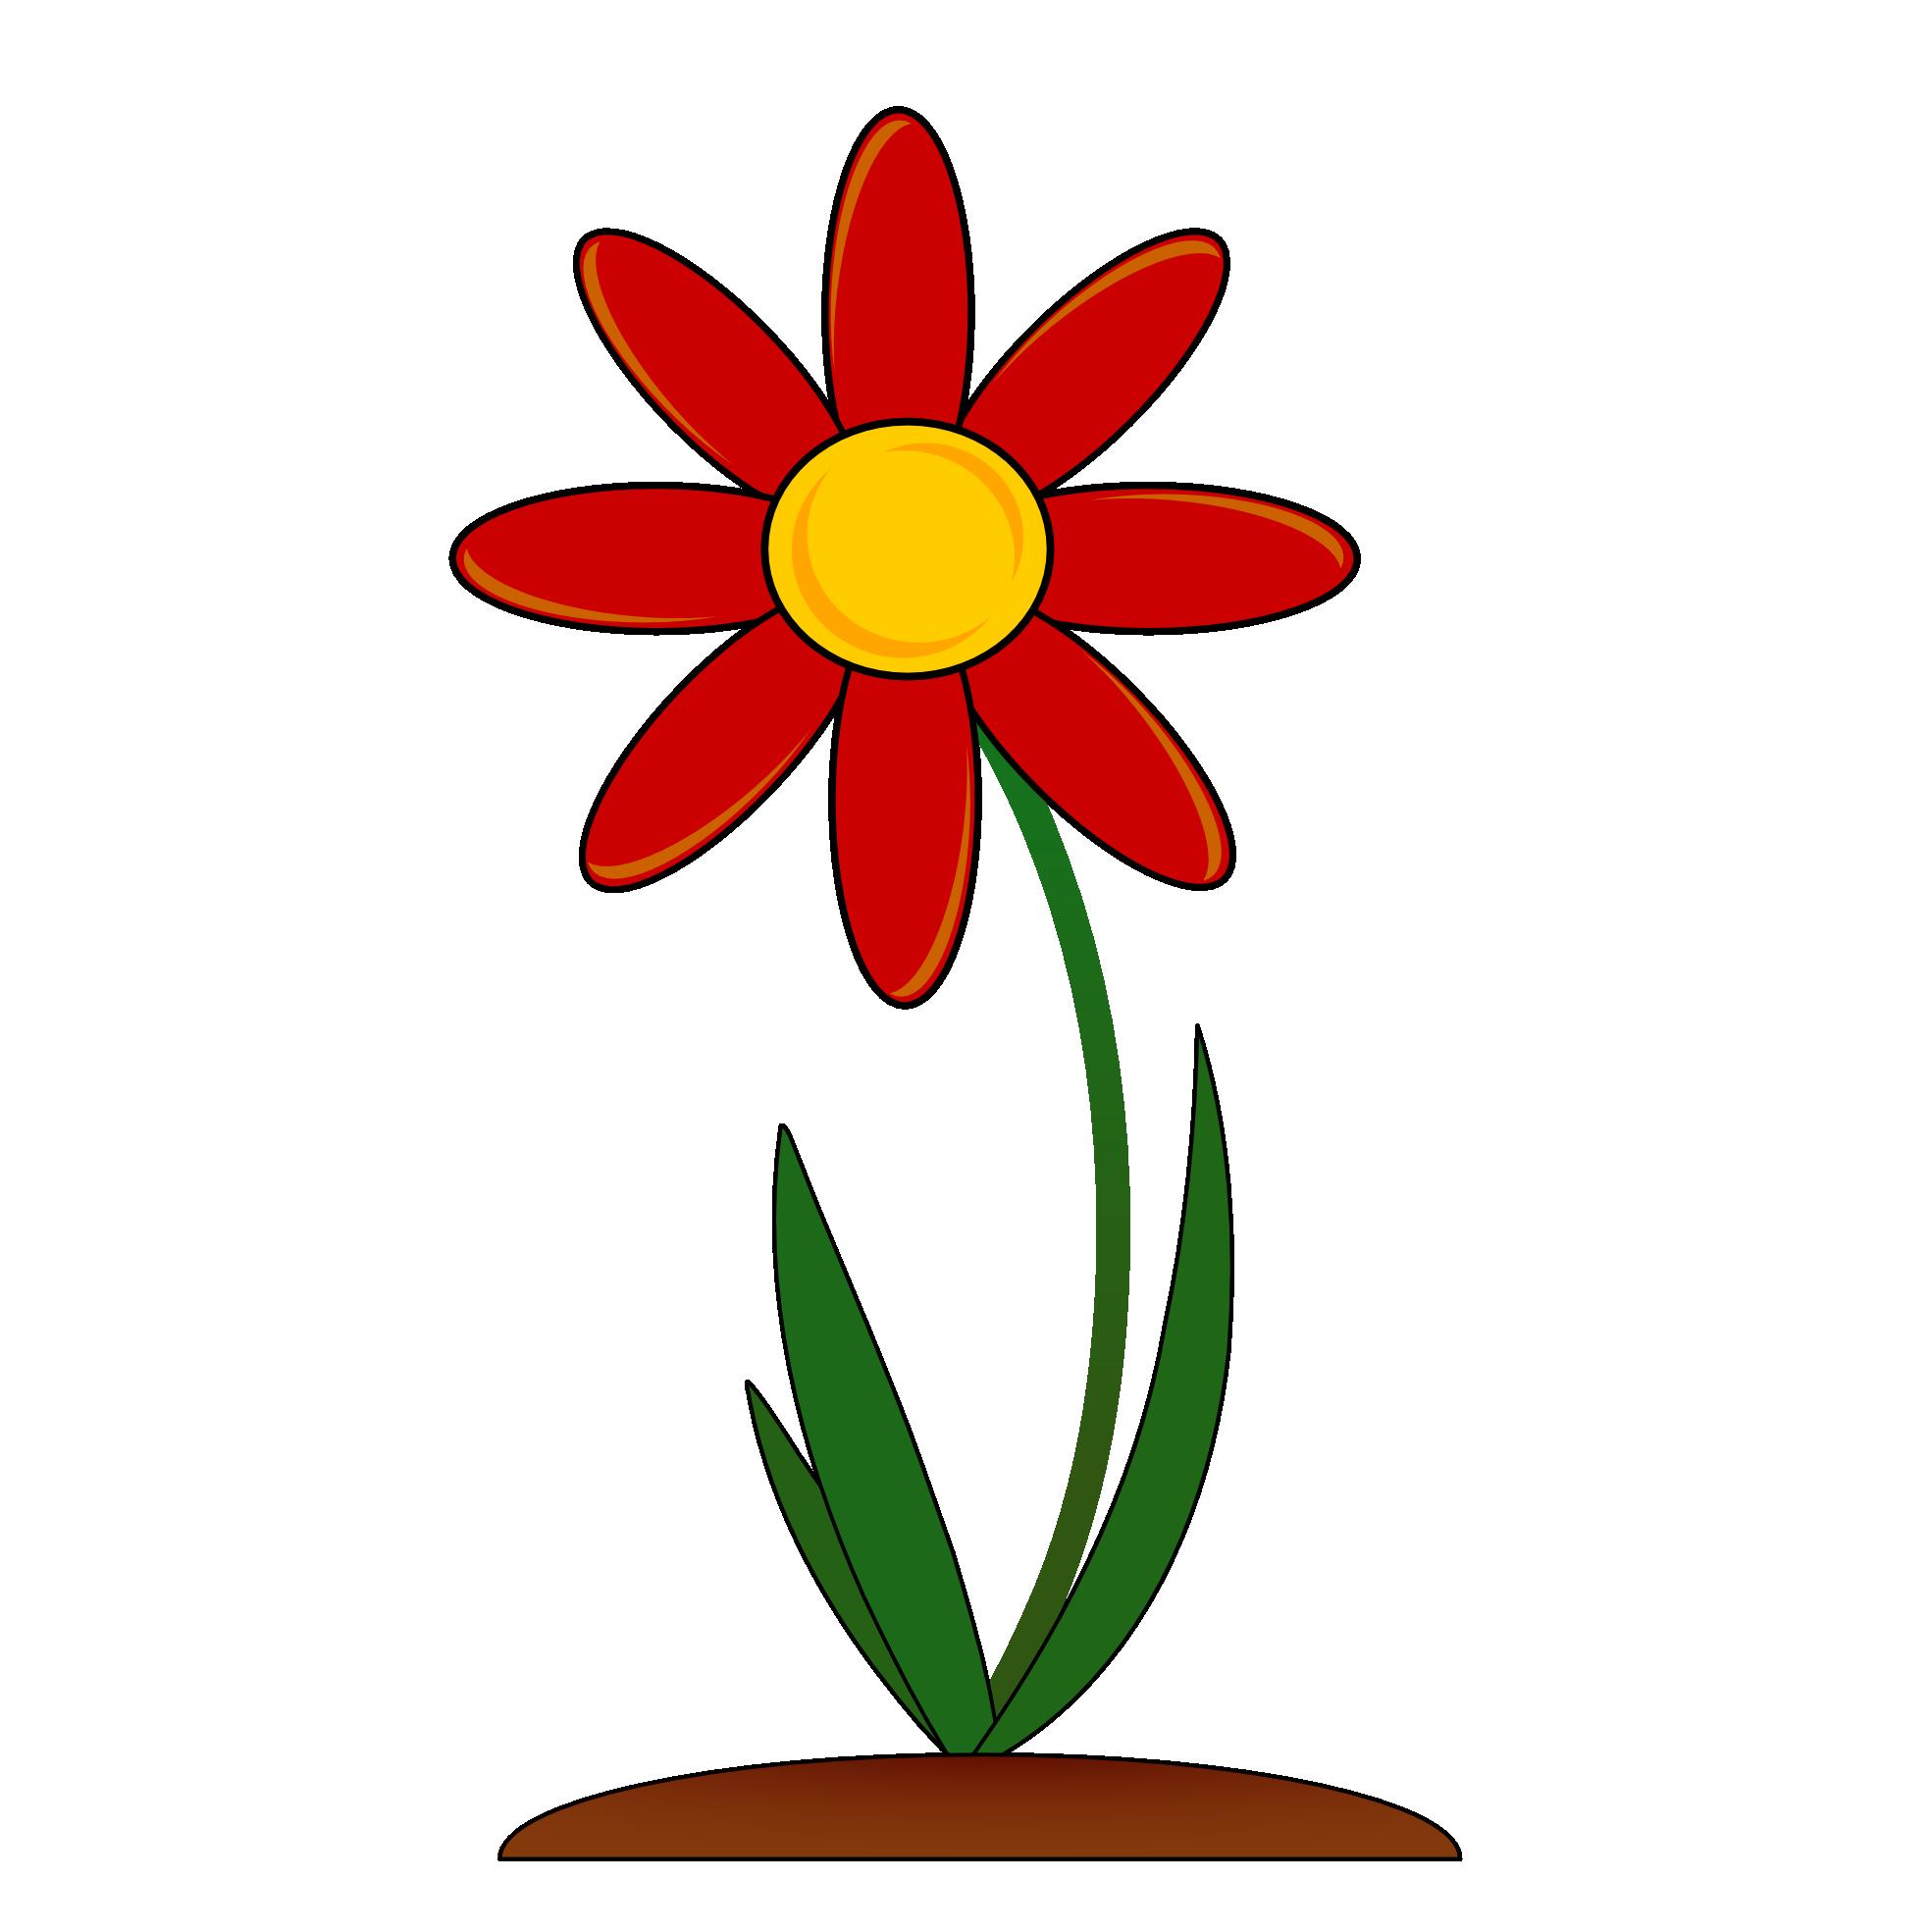 Red Flower Border Clip Art.